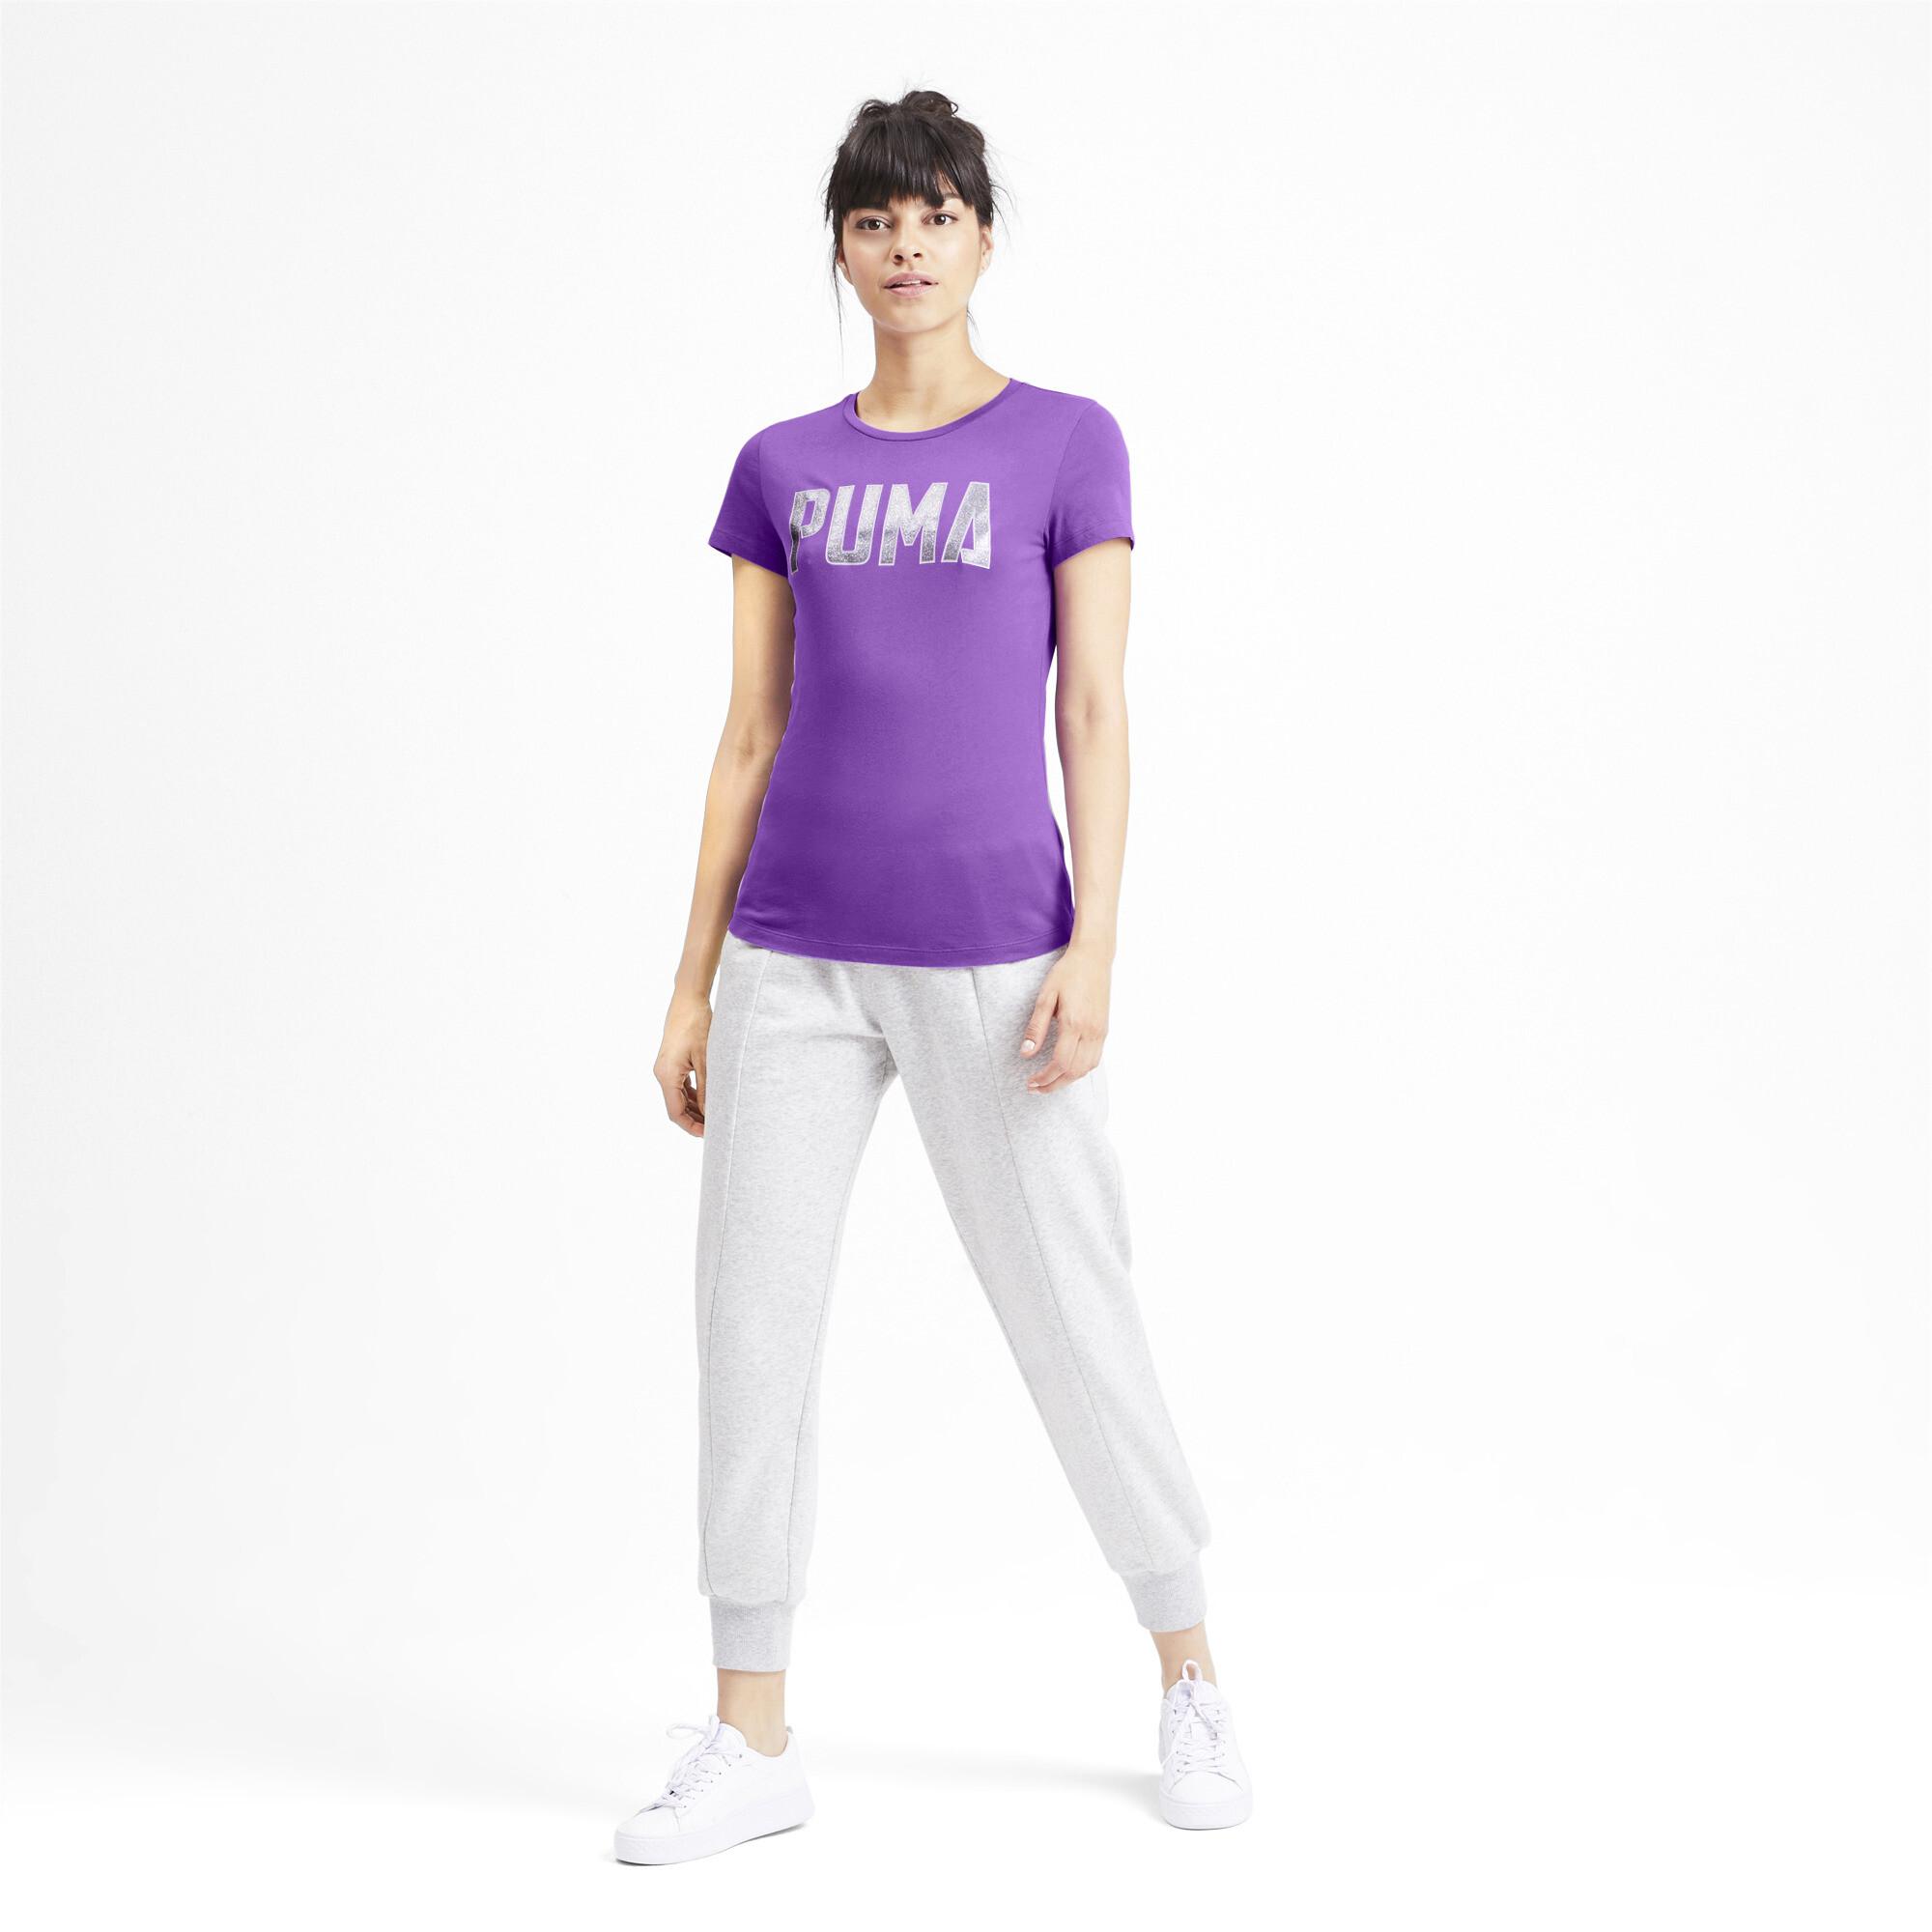 PUMA-Athletics-Women-039-s-Tee-Women-Tee-Basics thumbnail 26